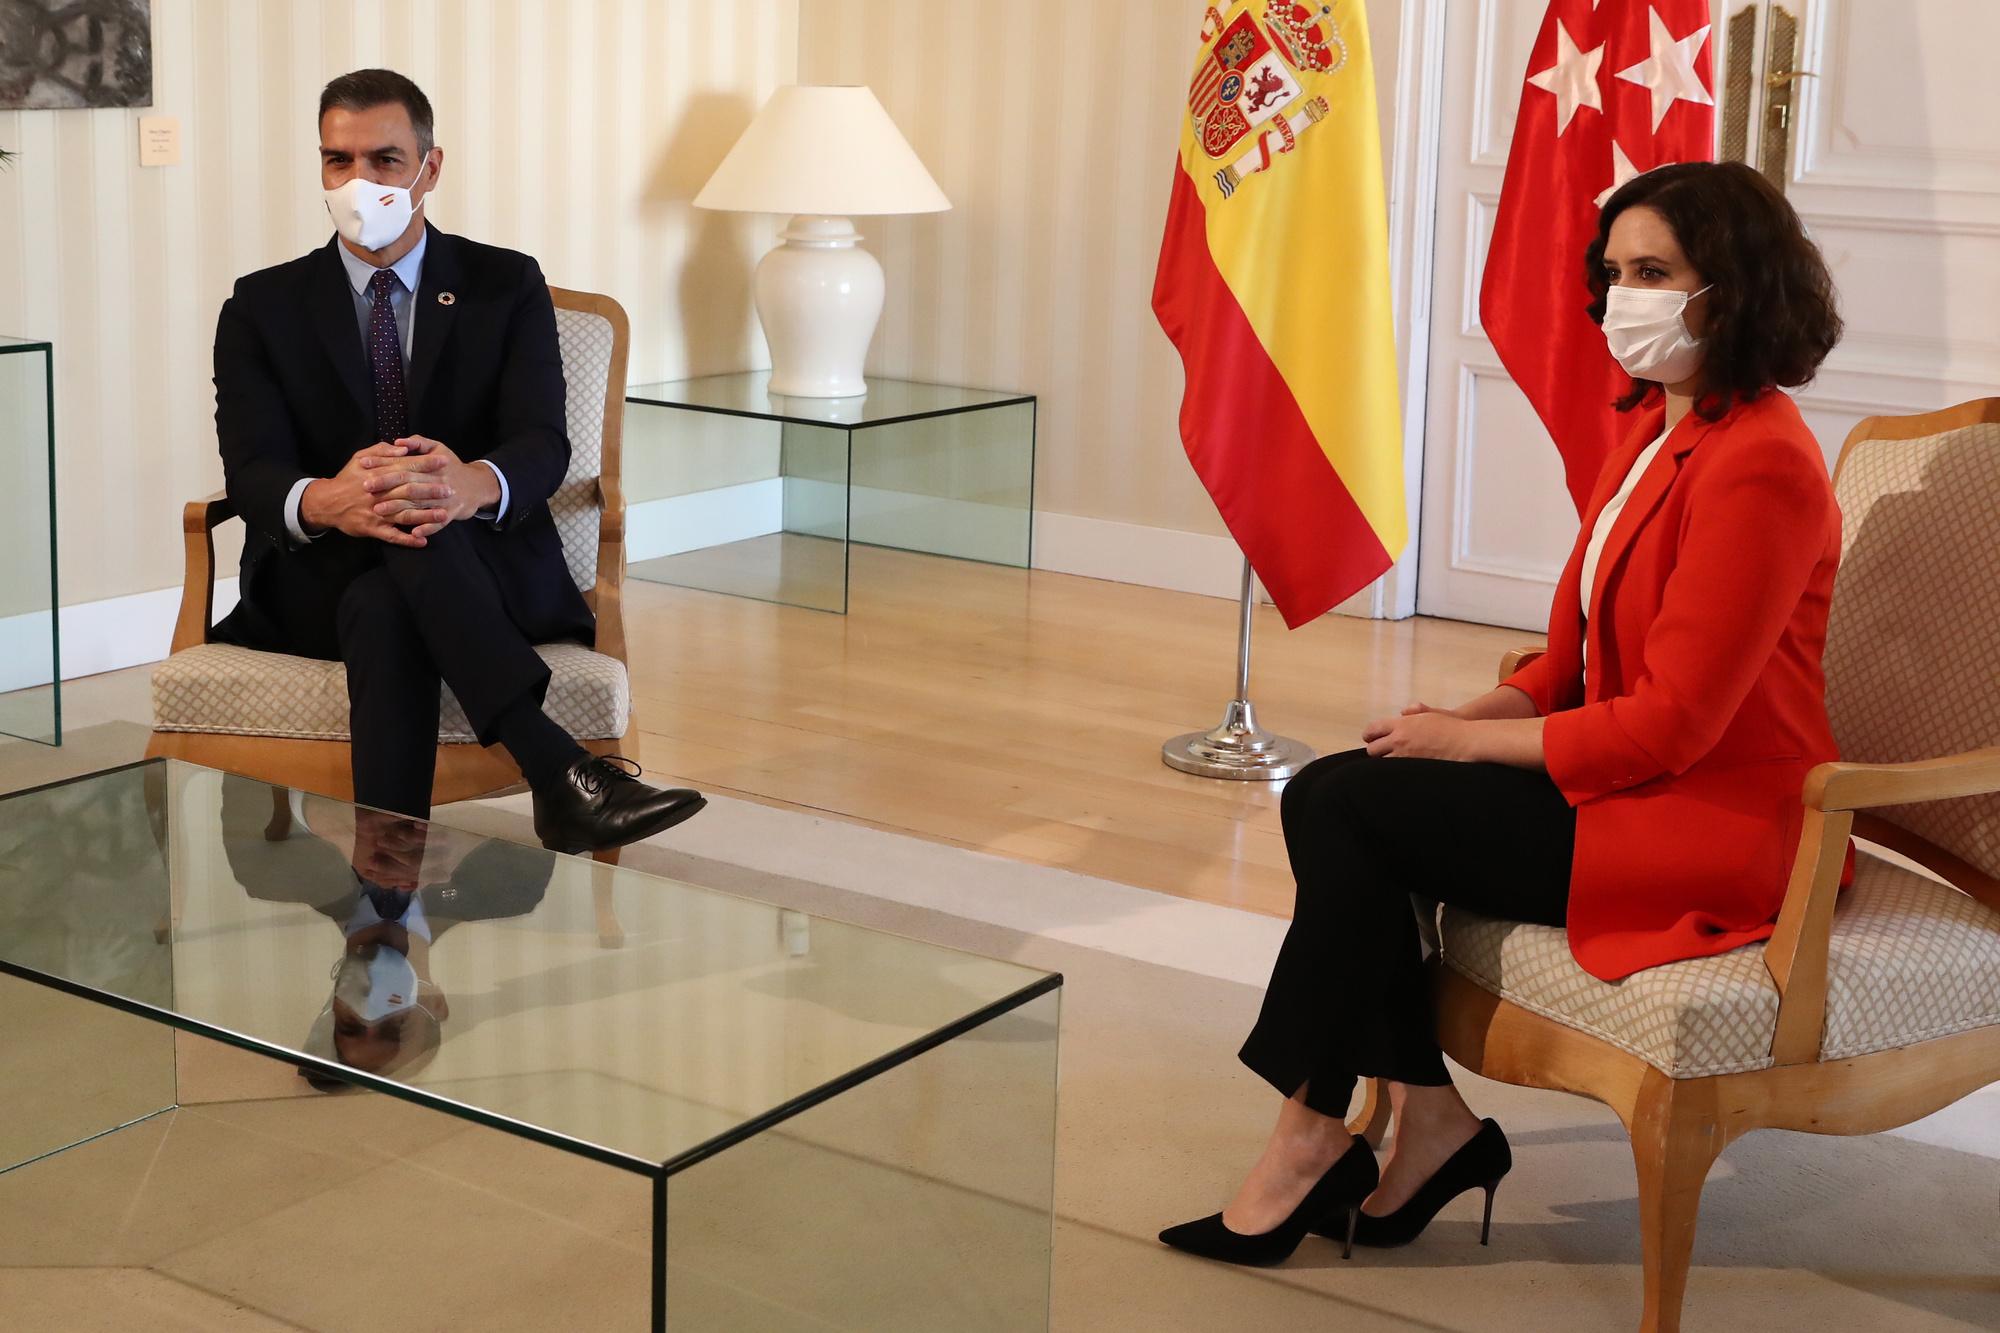 Le Premier ministre Pedro Sanchez et la présidente de la communauté de Madrid Isabel Diaz Ayuso, Fernando Calvo / AFP